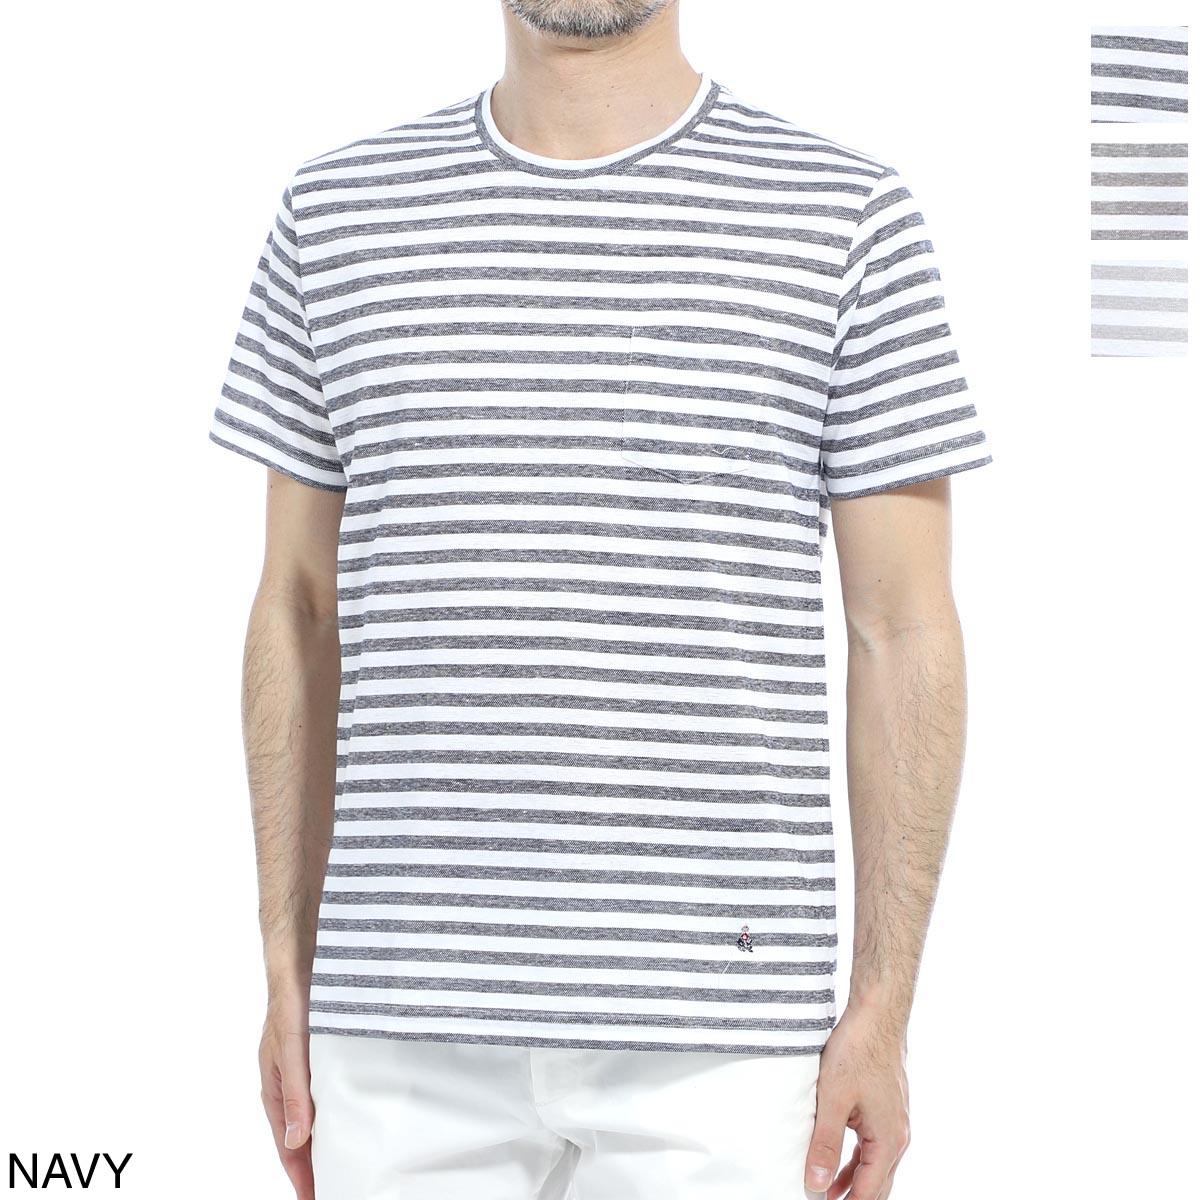 ギローバー GUY ROVER クルーネックTシャツ メンズ 2850tc442 501508 04【あす楽対応_関東】【返品送料無料】【ラッピング無料】